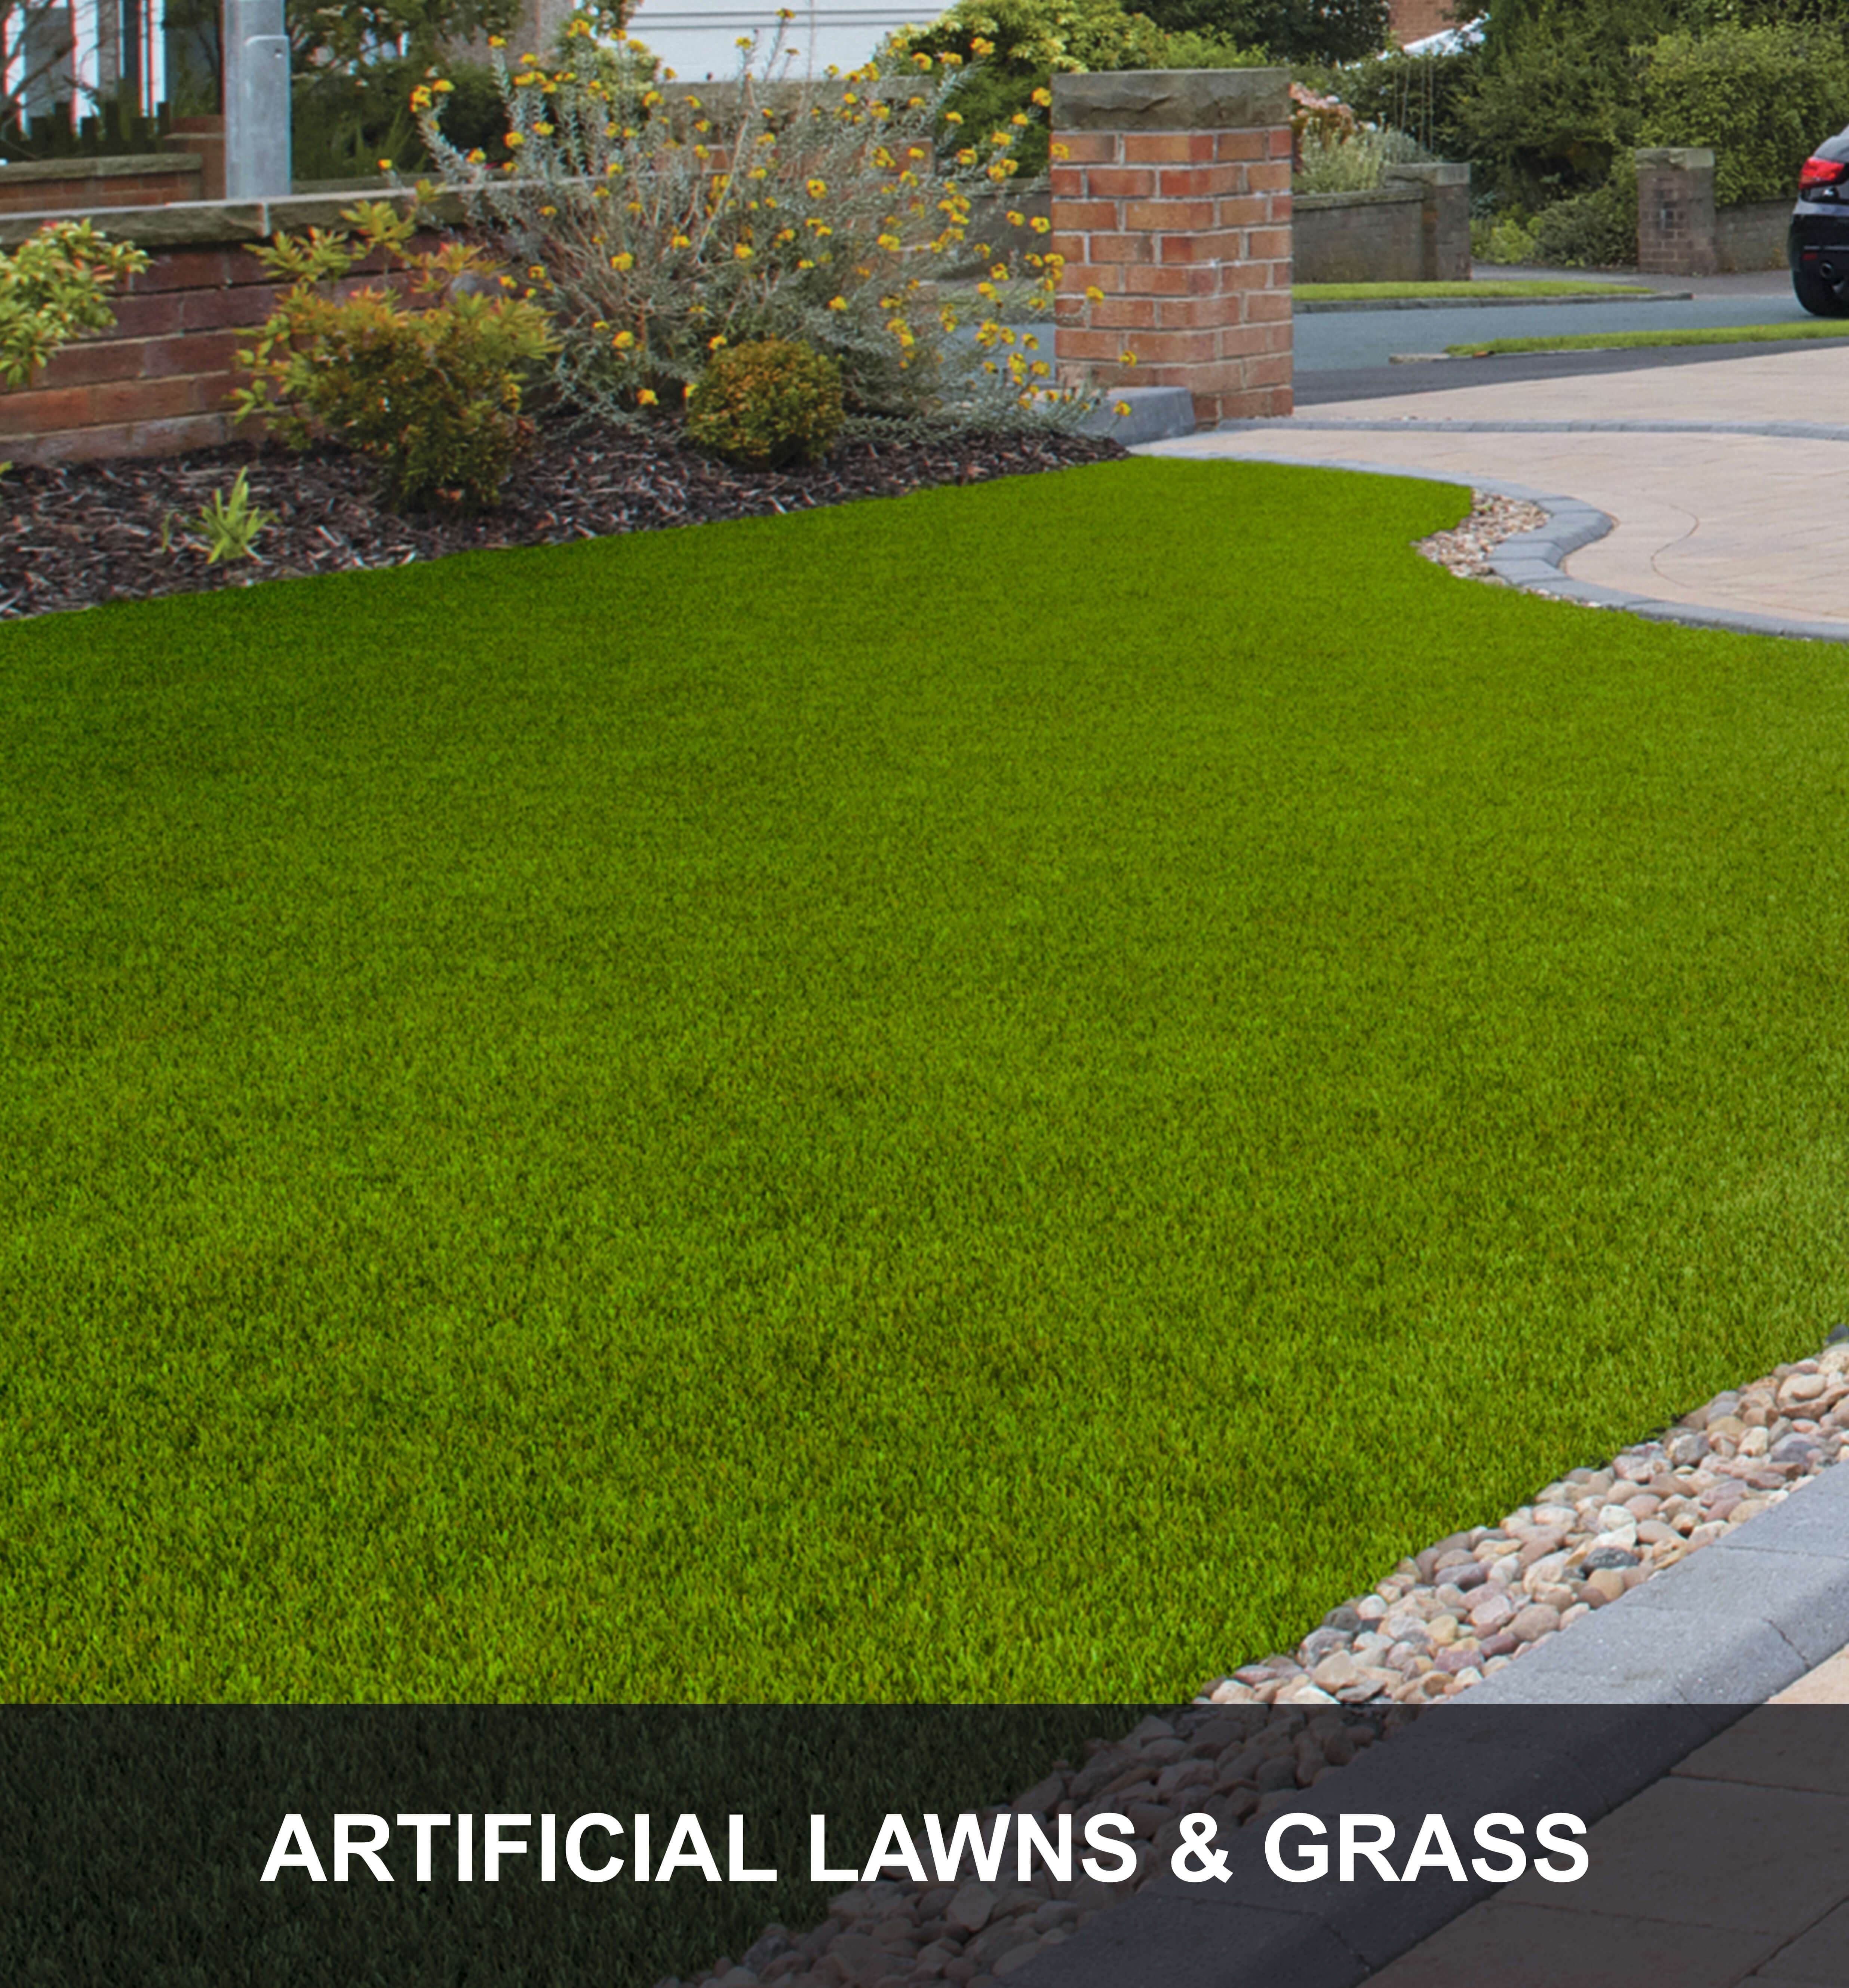 Artificial Lawns Caption